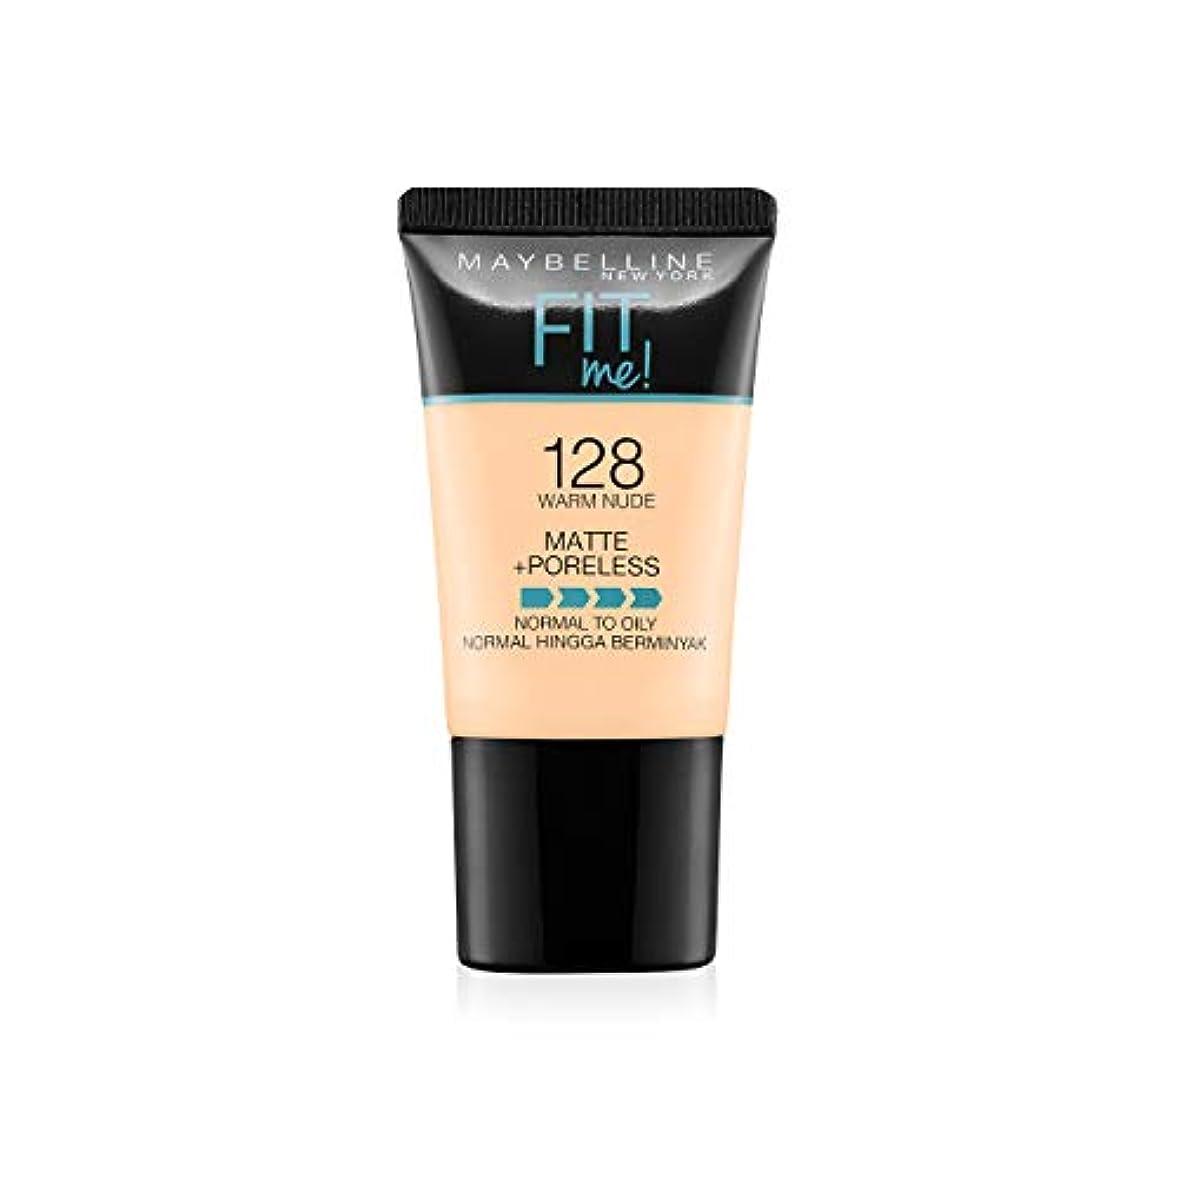 仲間申請中ジャンルMaybelline New York Fit Me Matte+Poreless Liquid Foundation Tube, 128 Warm Nude, 18ml